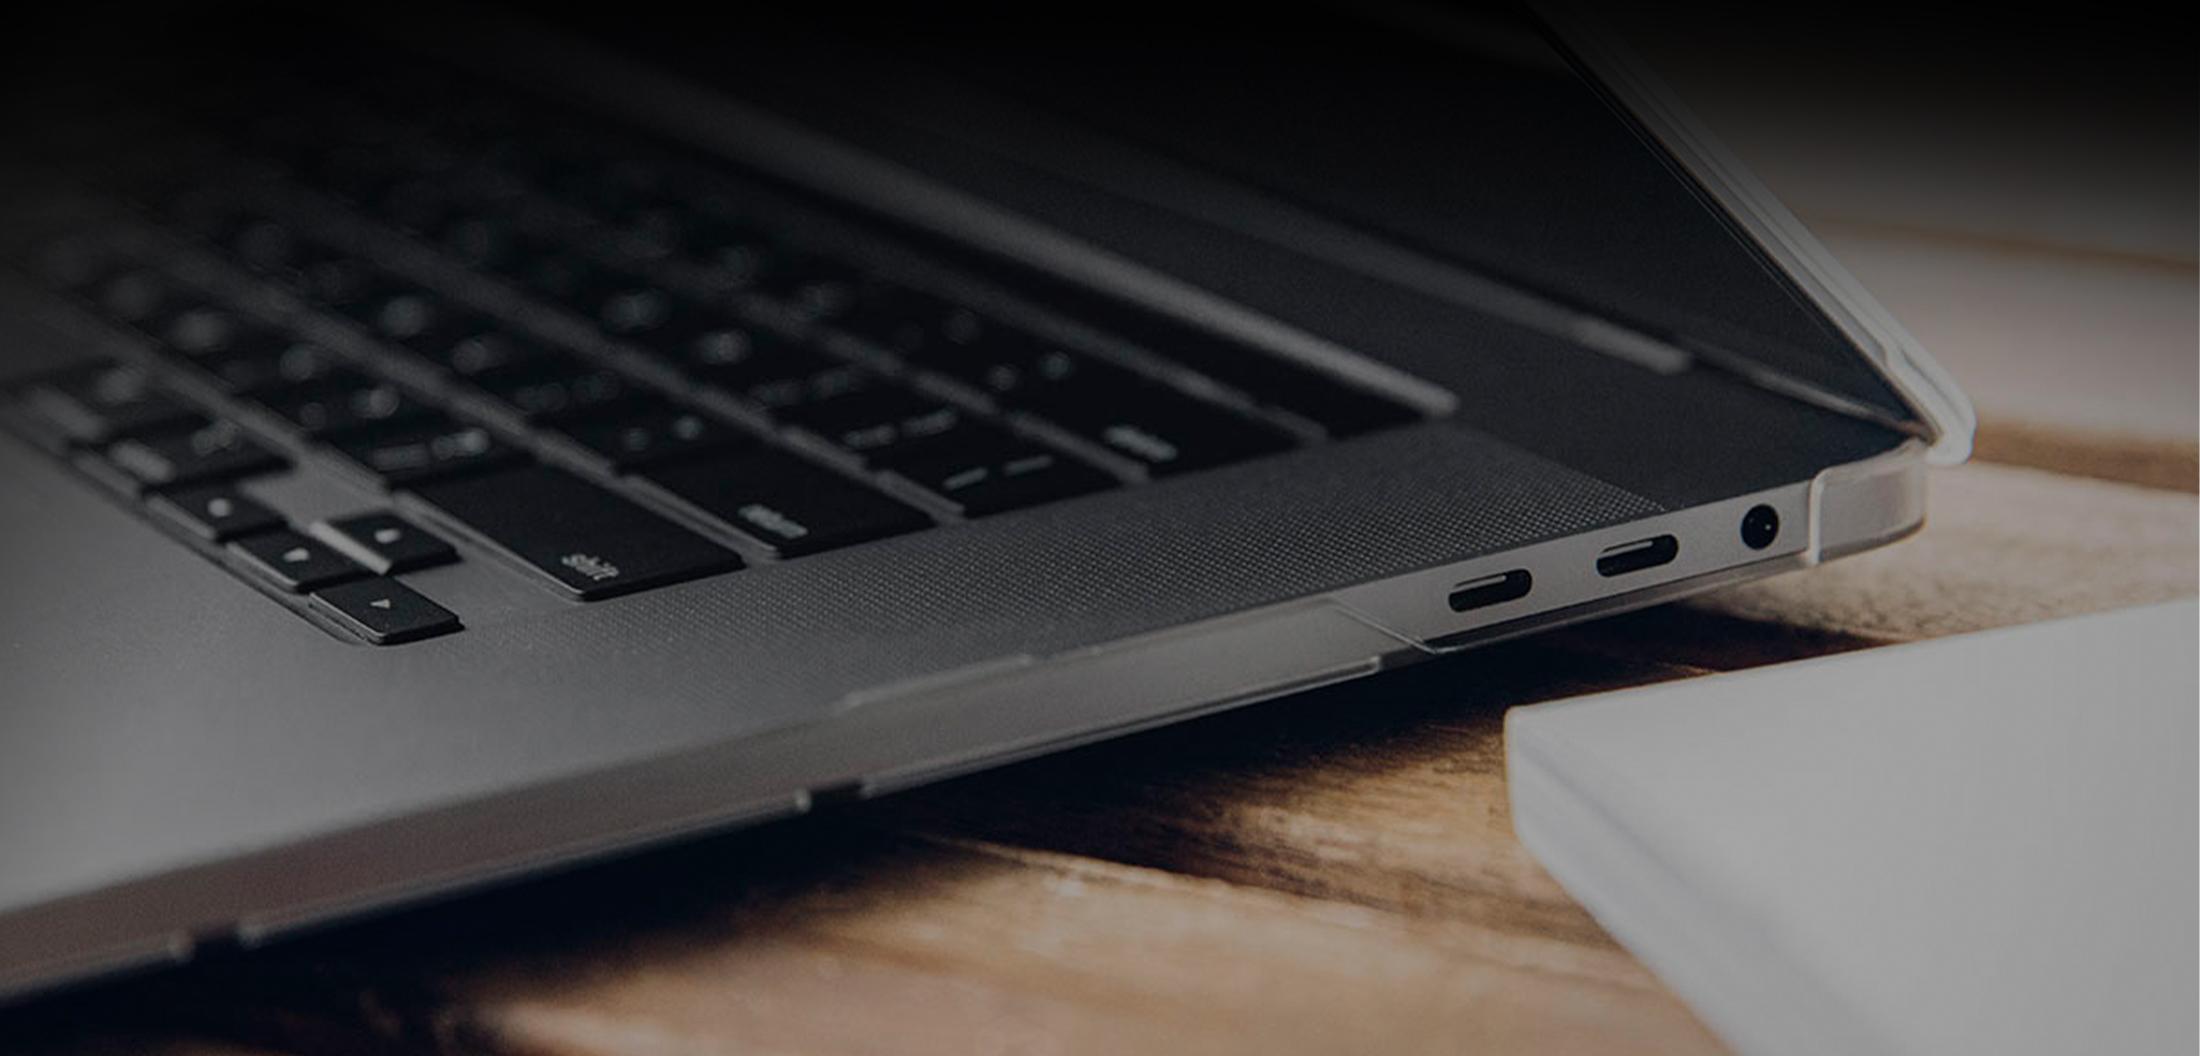 Moshi.xZНадежная защита для вашего Macbook.